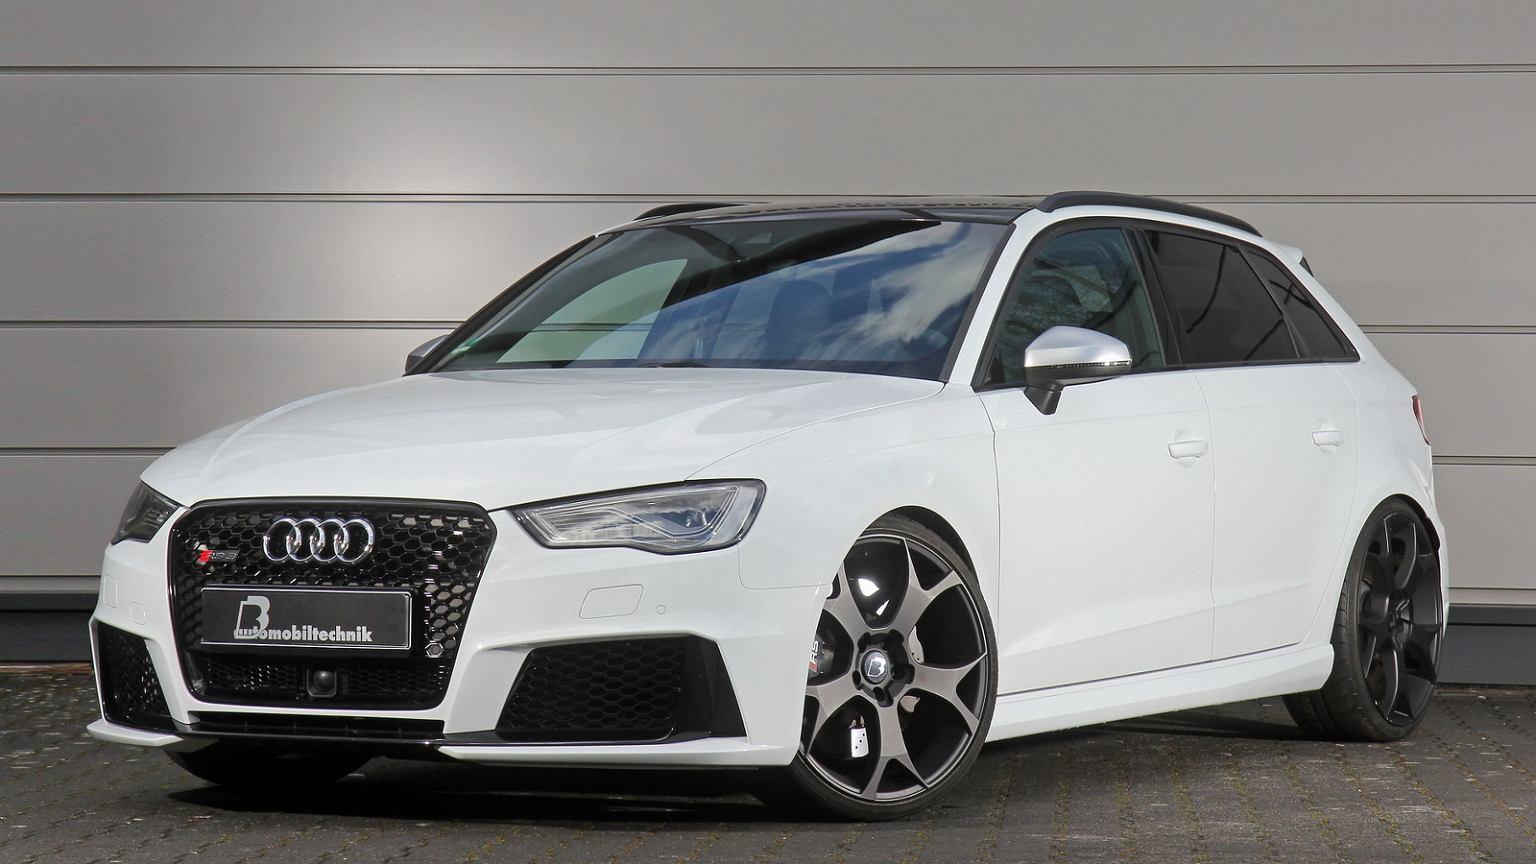 Audi a6 klub polska tuning jakie to auto propozycja zabawy - Tuning Audi Rs3 B B Mocniejsze Ni Porsche 911 Gt3 Rs